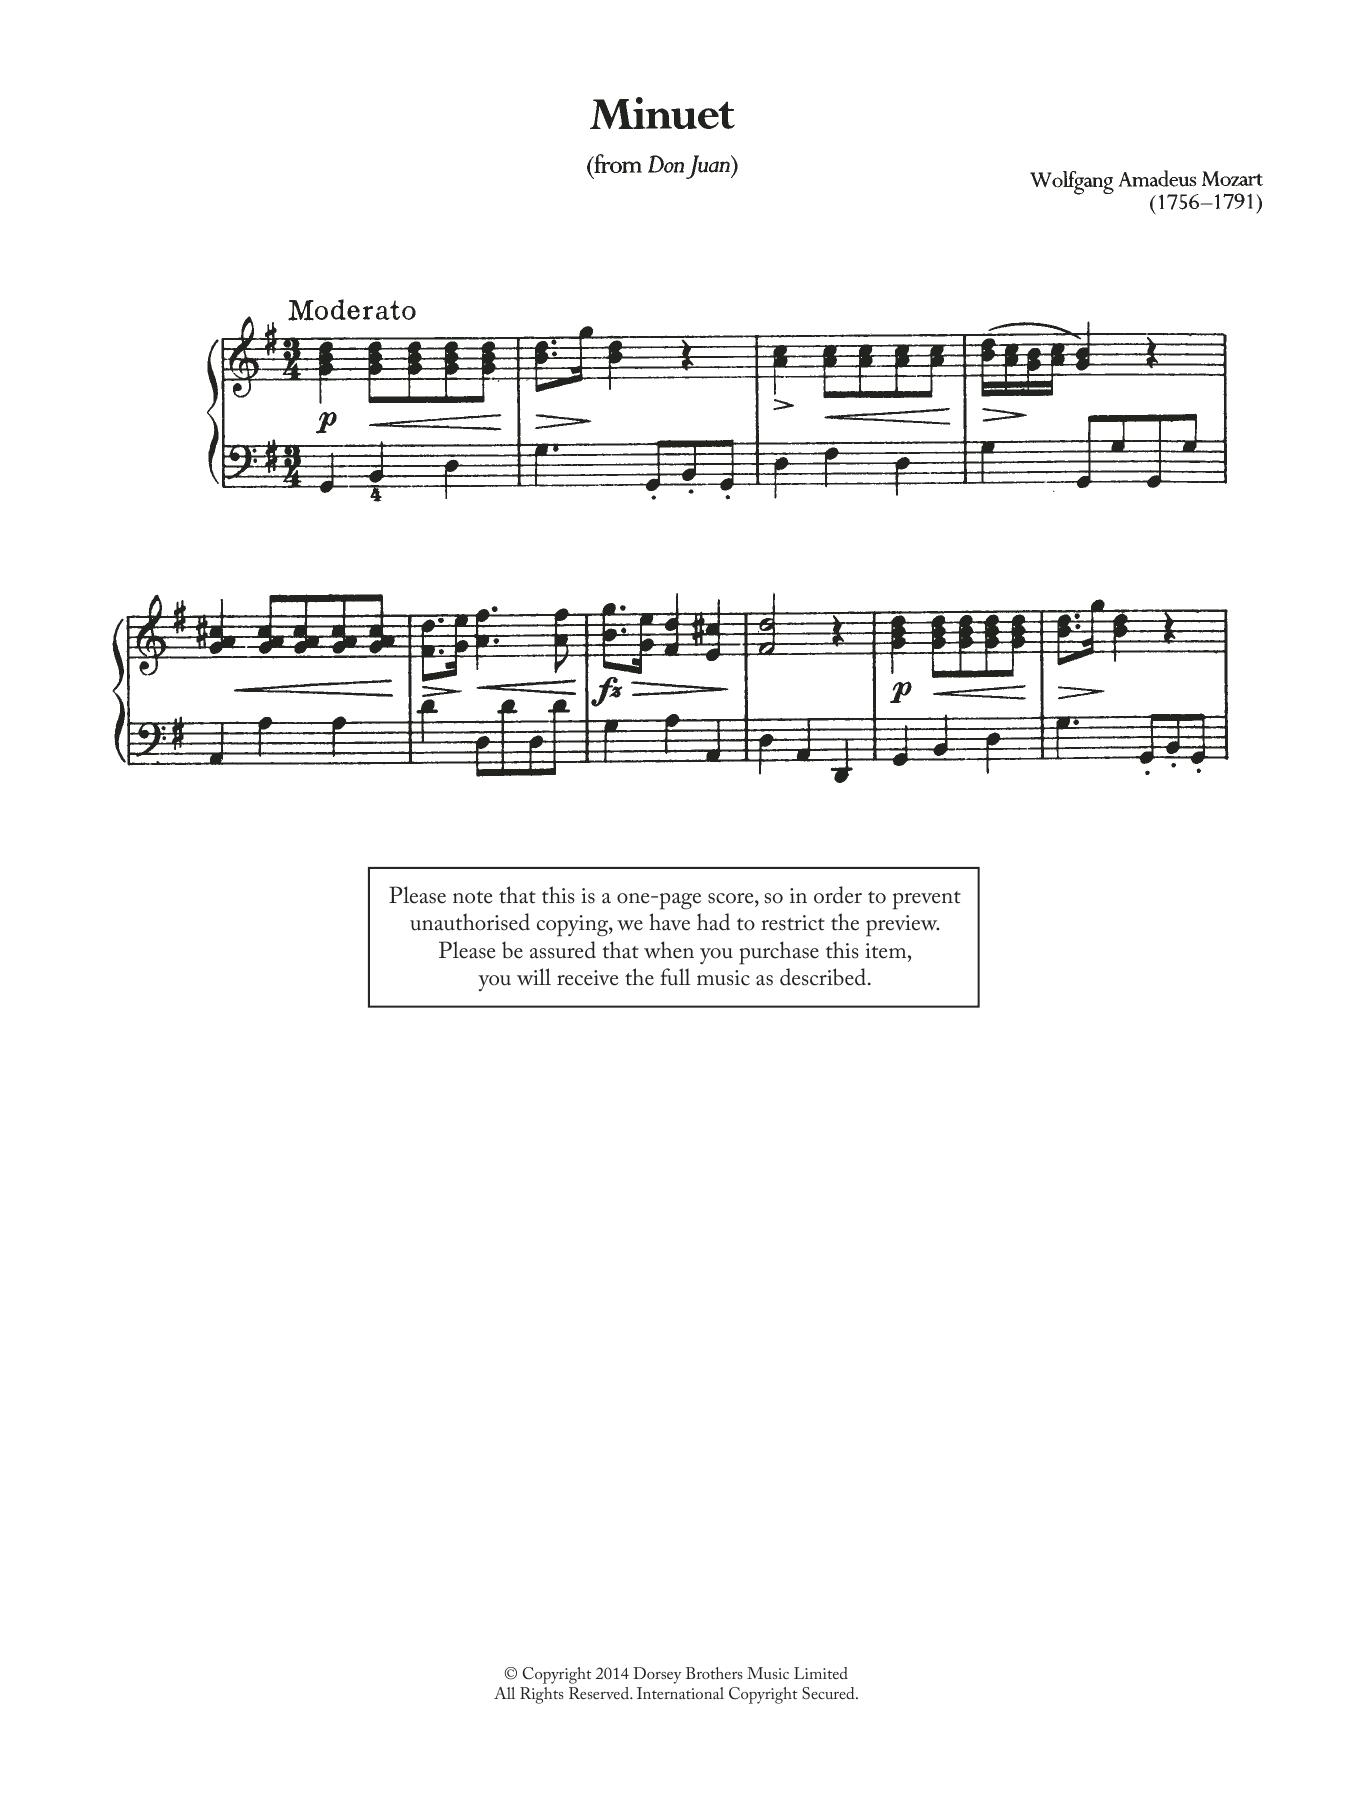 Wolfgang Amadeus Mozart - Minuet (From 'Don Juan')